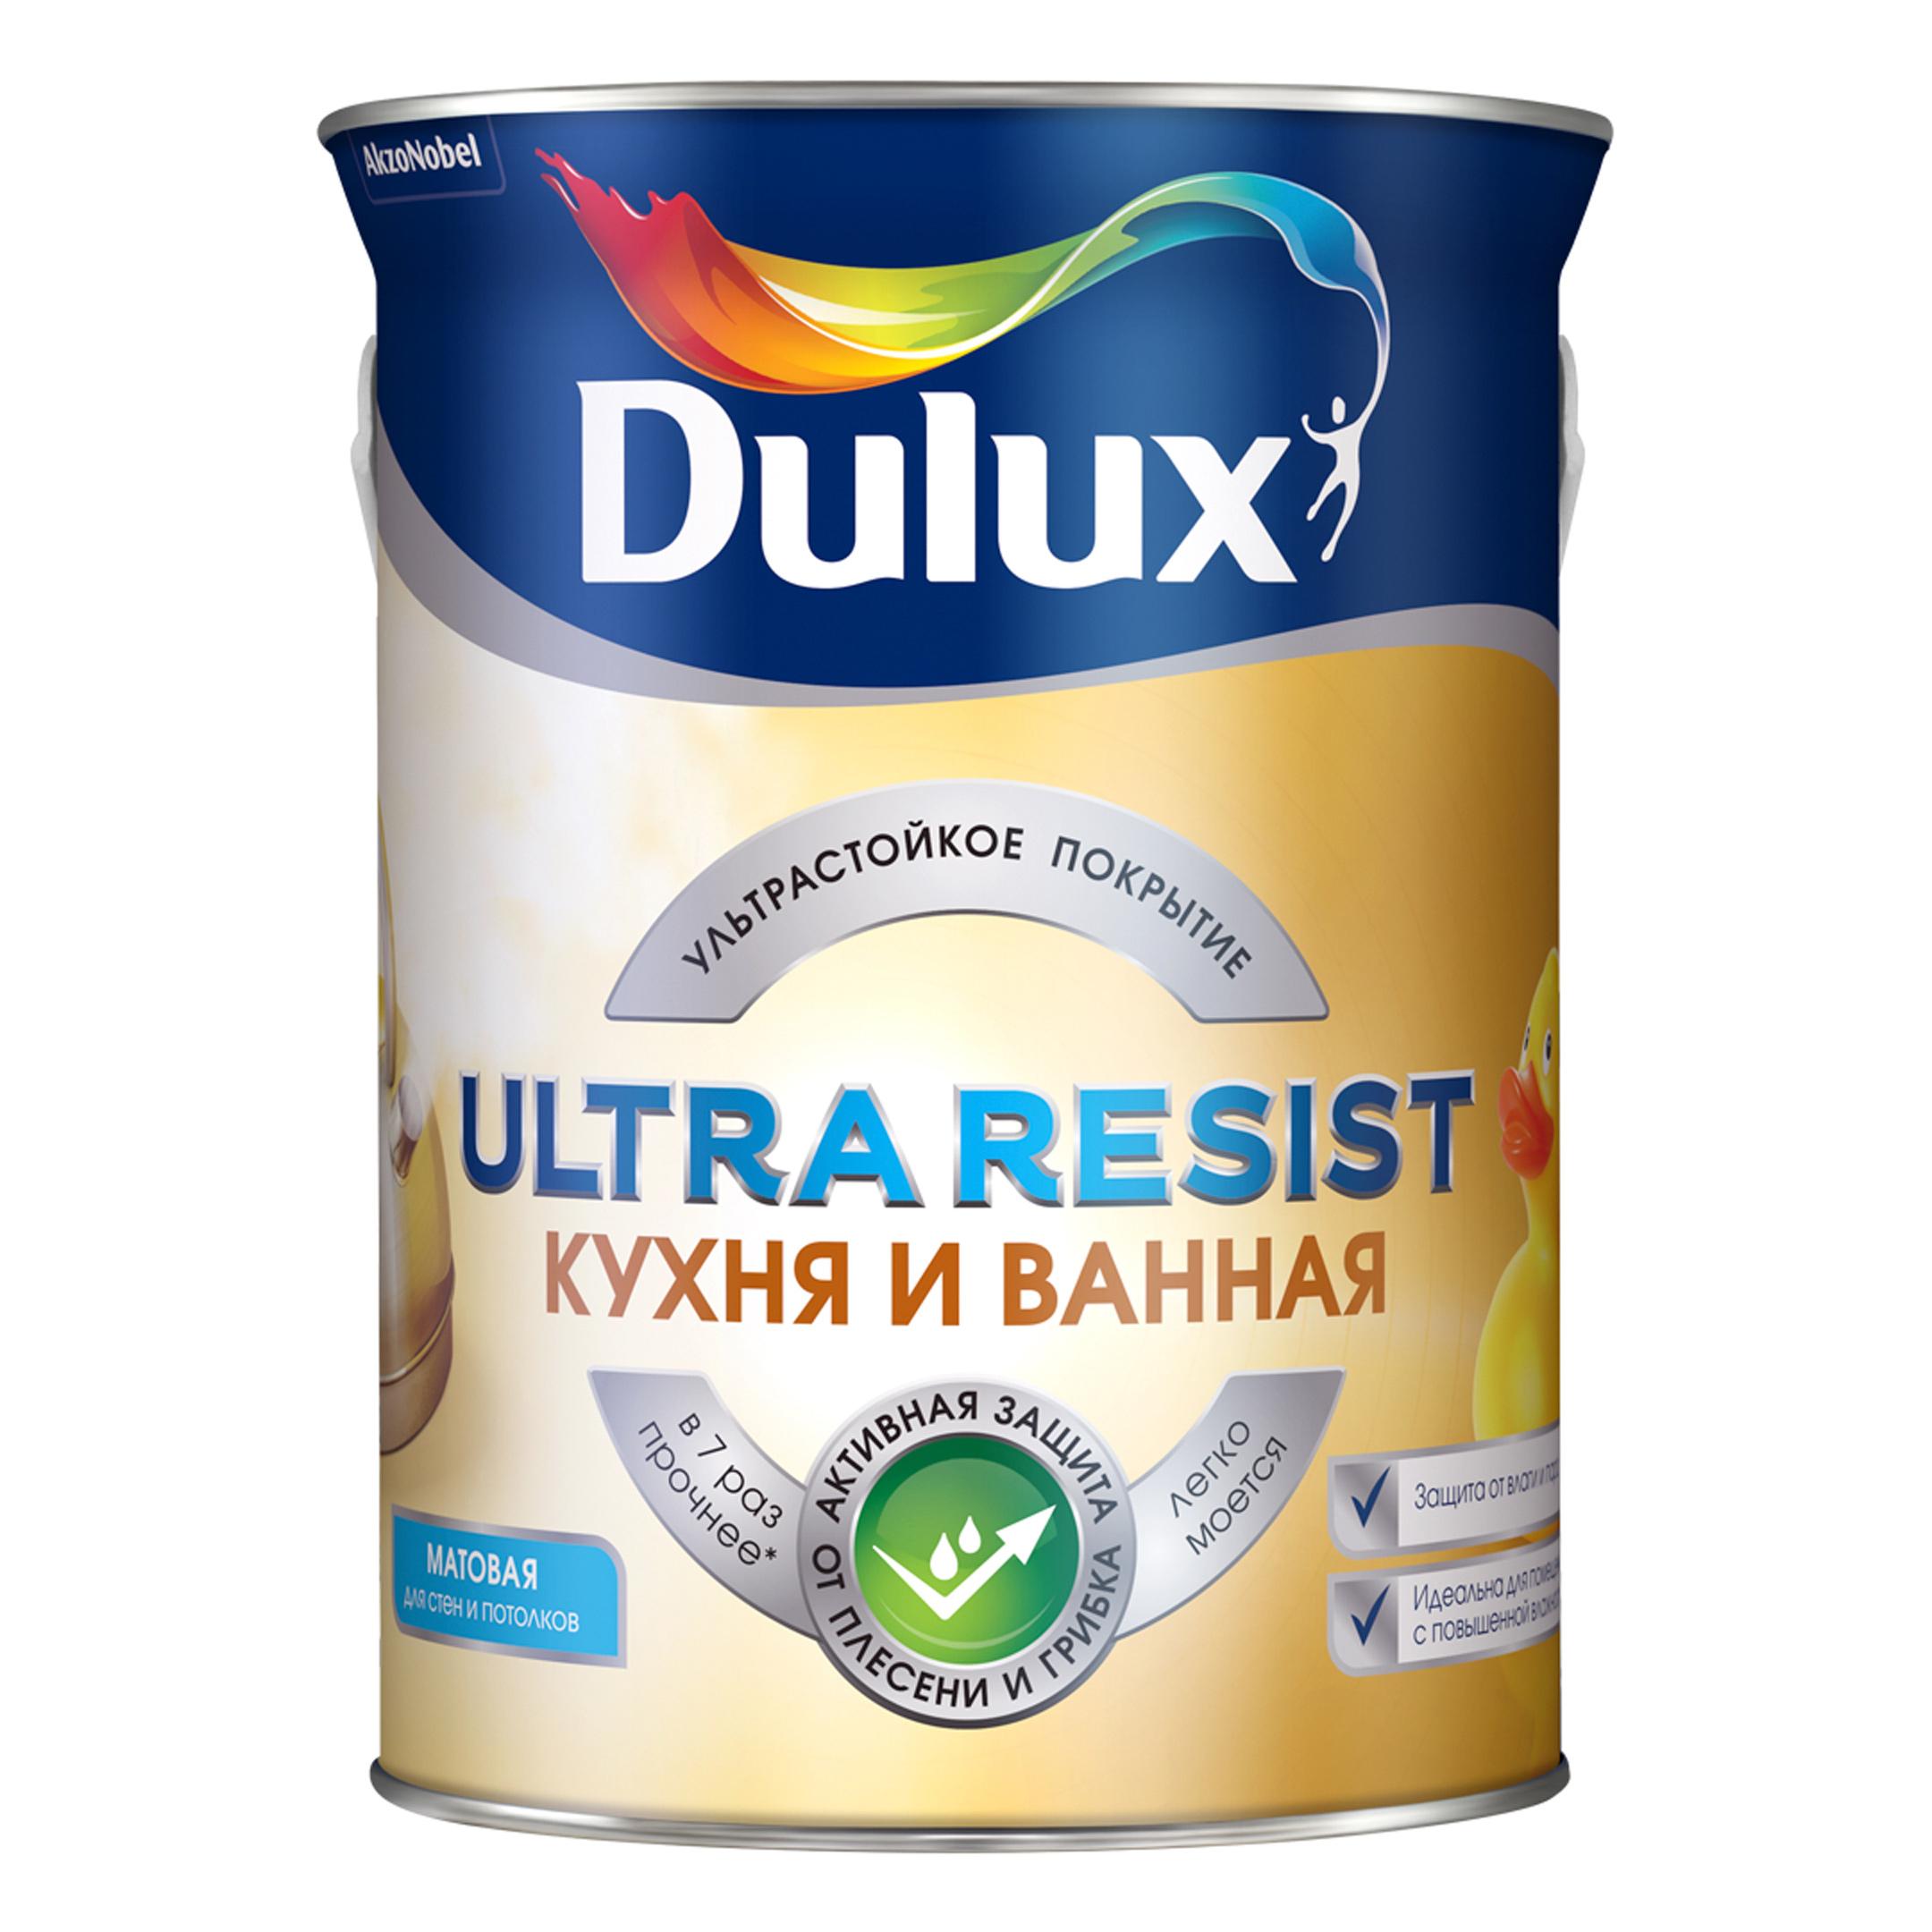 КраскаDulux Ultra Resist для Кухни и ванной матовая база BW (5л) краска dulux ultra resist гостиные и офисы матовая bc